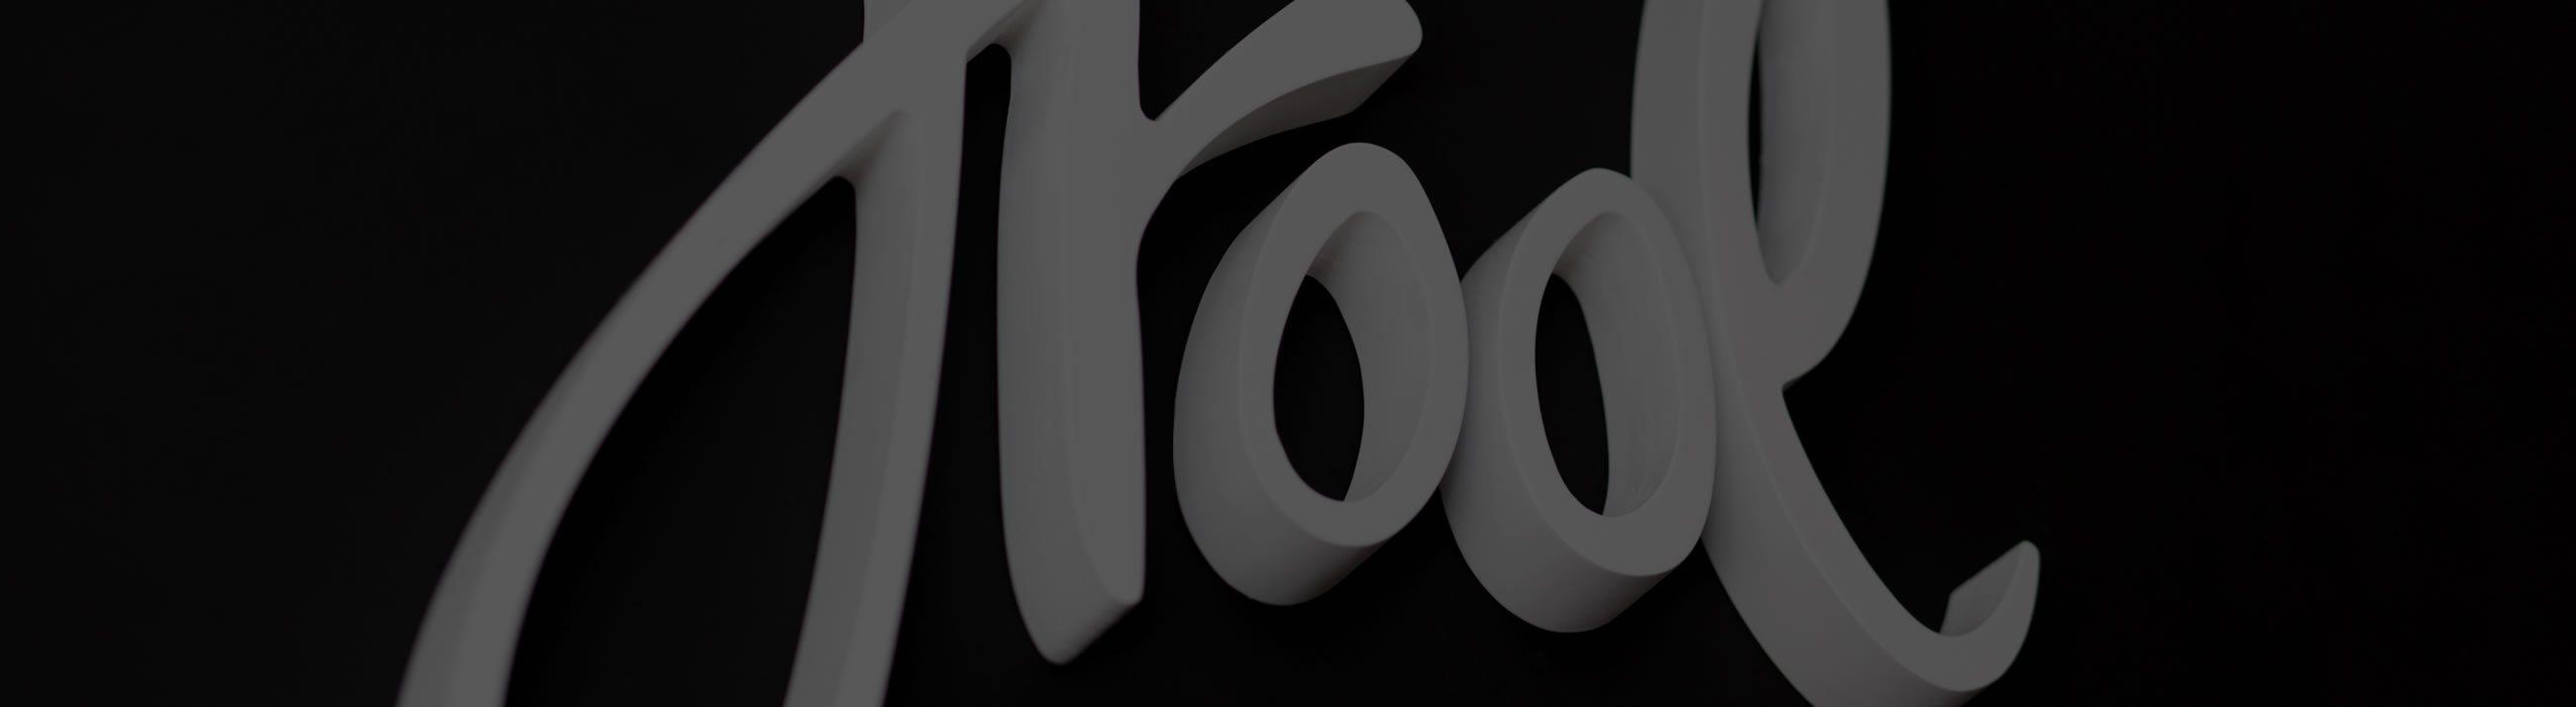 Estudio creativo de diseño gráfico, digital y web - Drool Studio slider 1